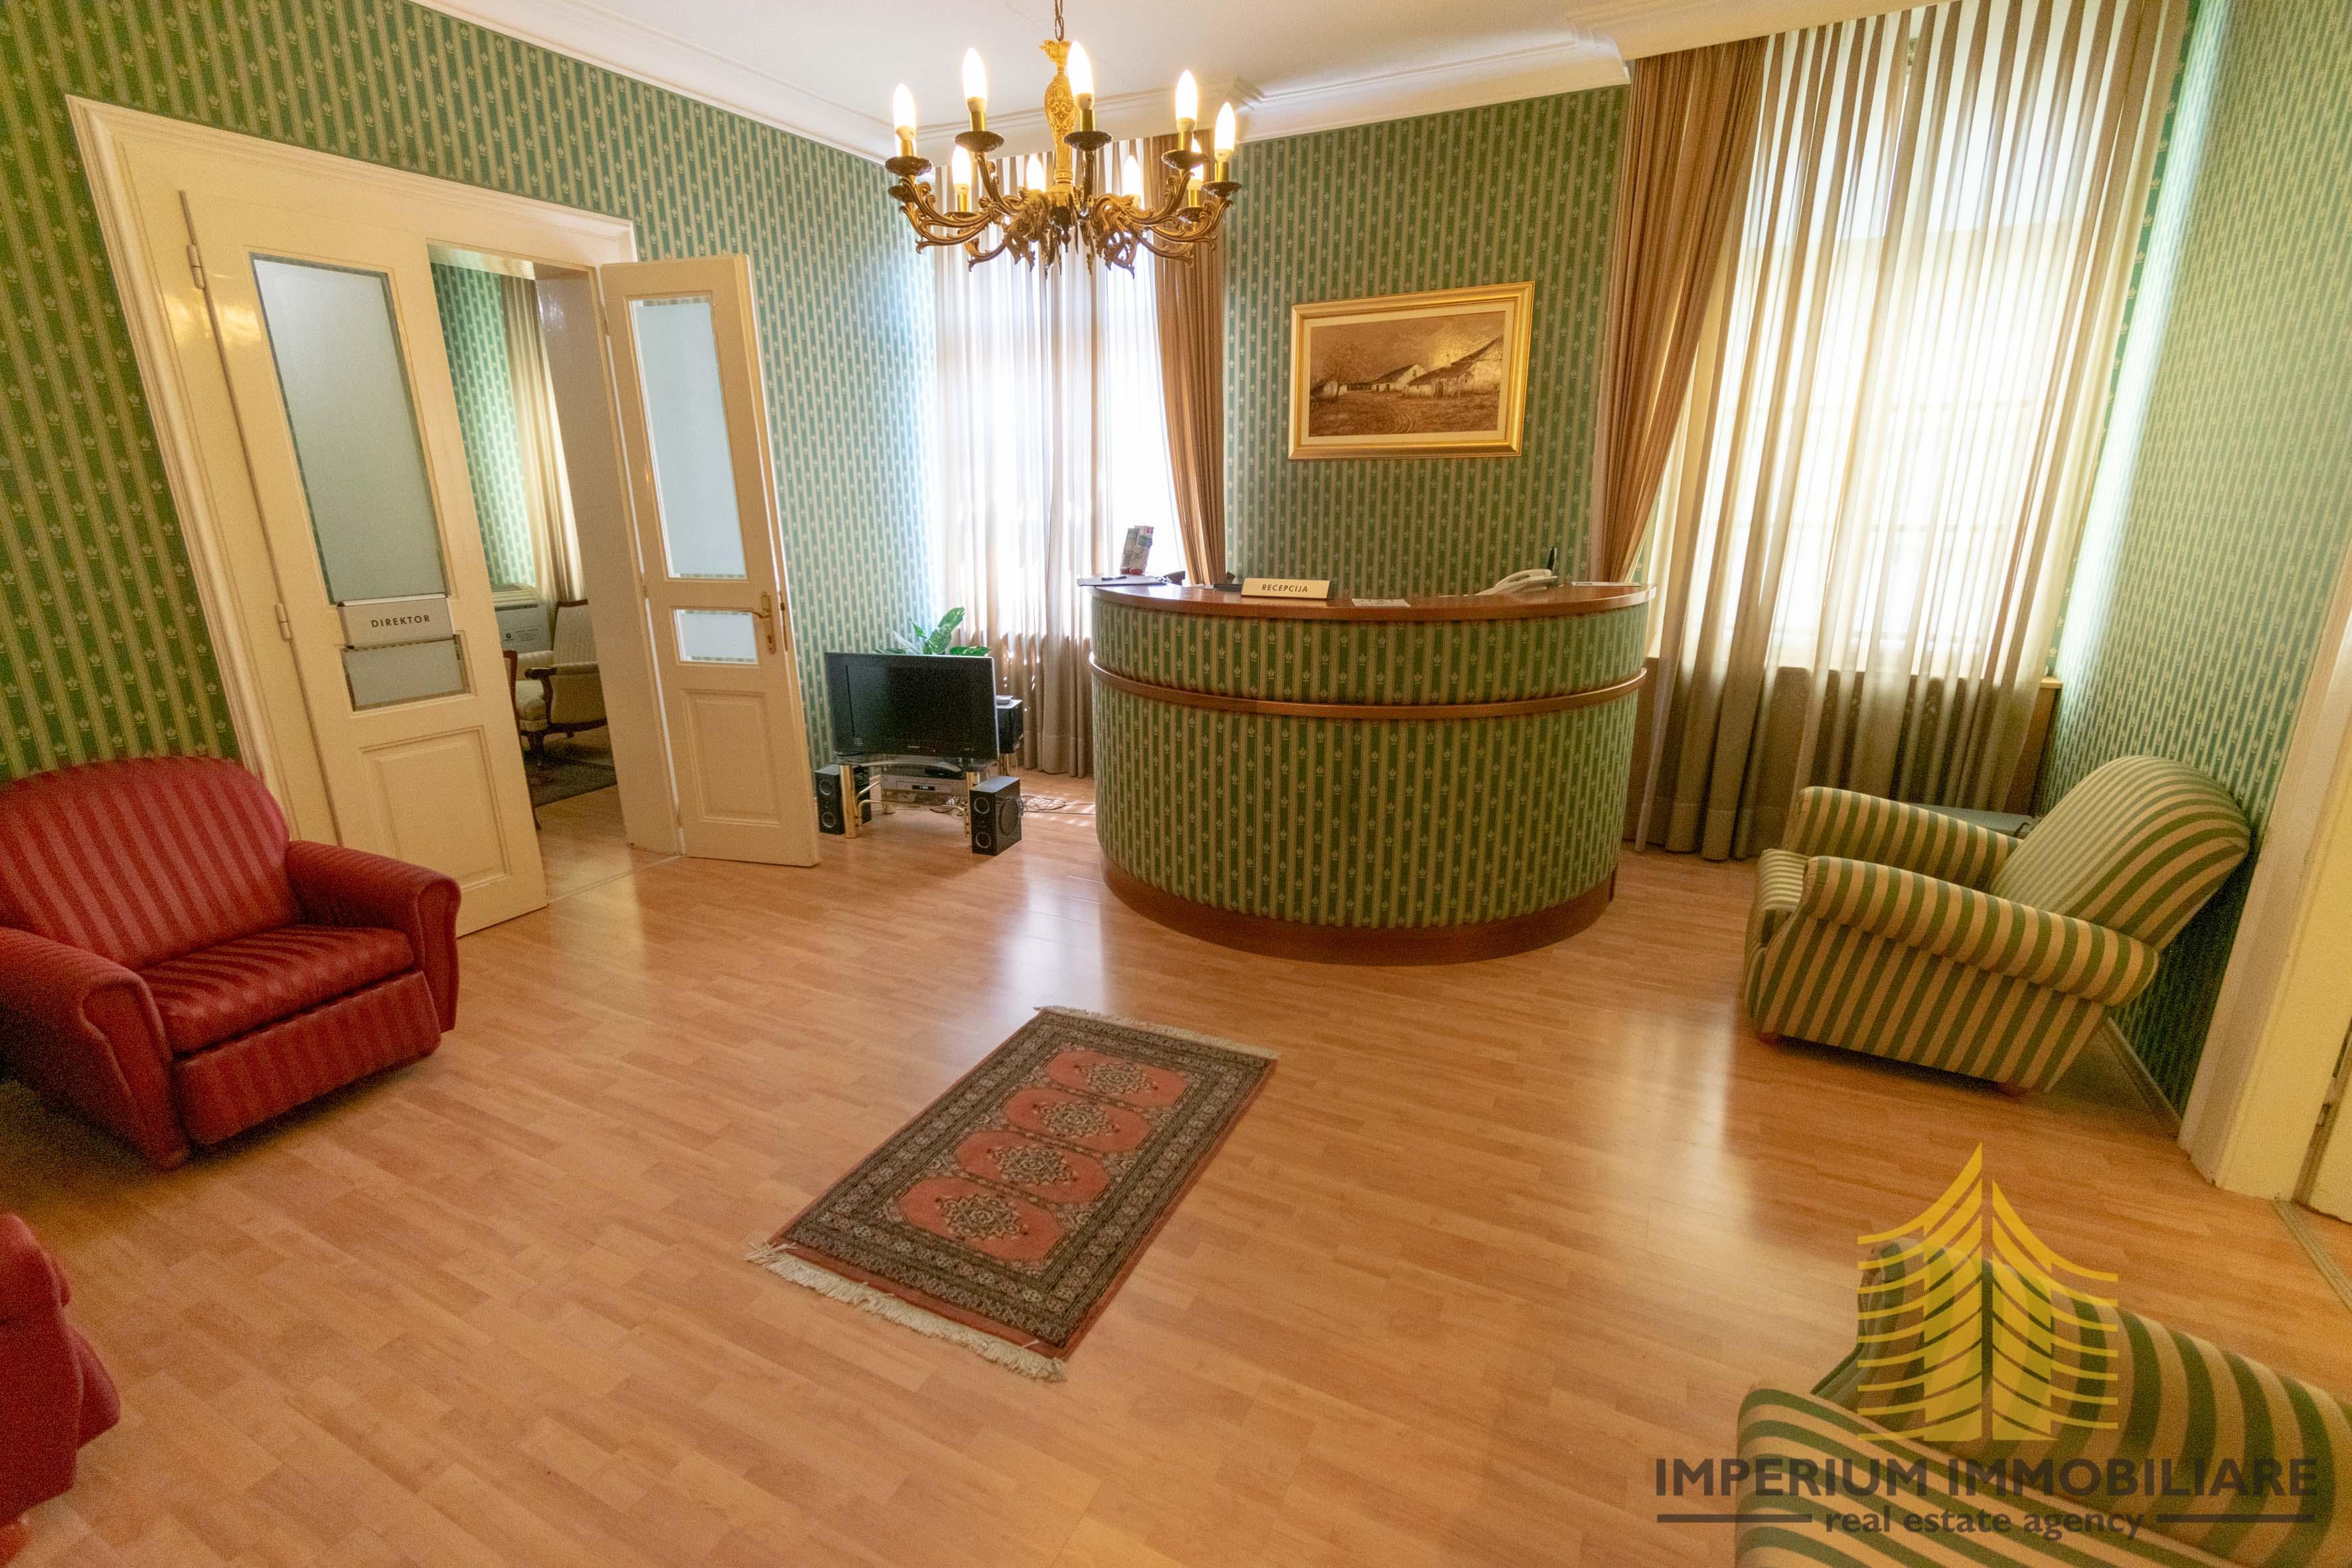 Poslovni prostor: Zagreb (Donji grad), stomatološka ordinacija,150 m2 (iznajmljivanje)